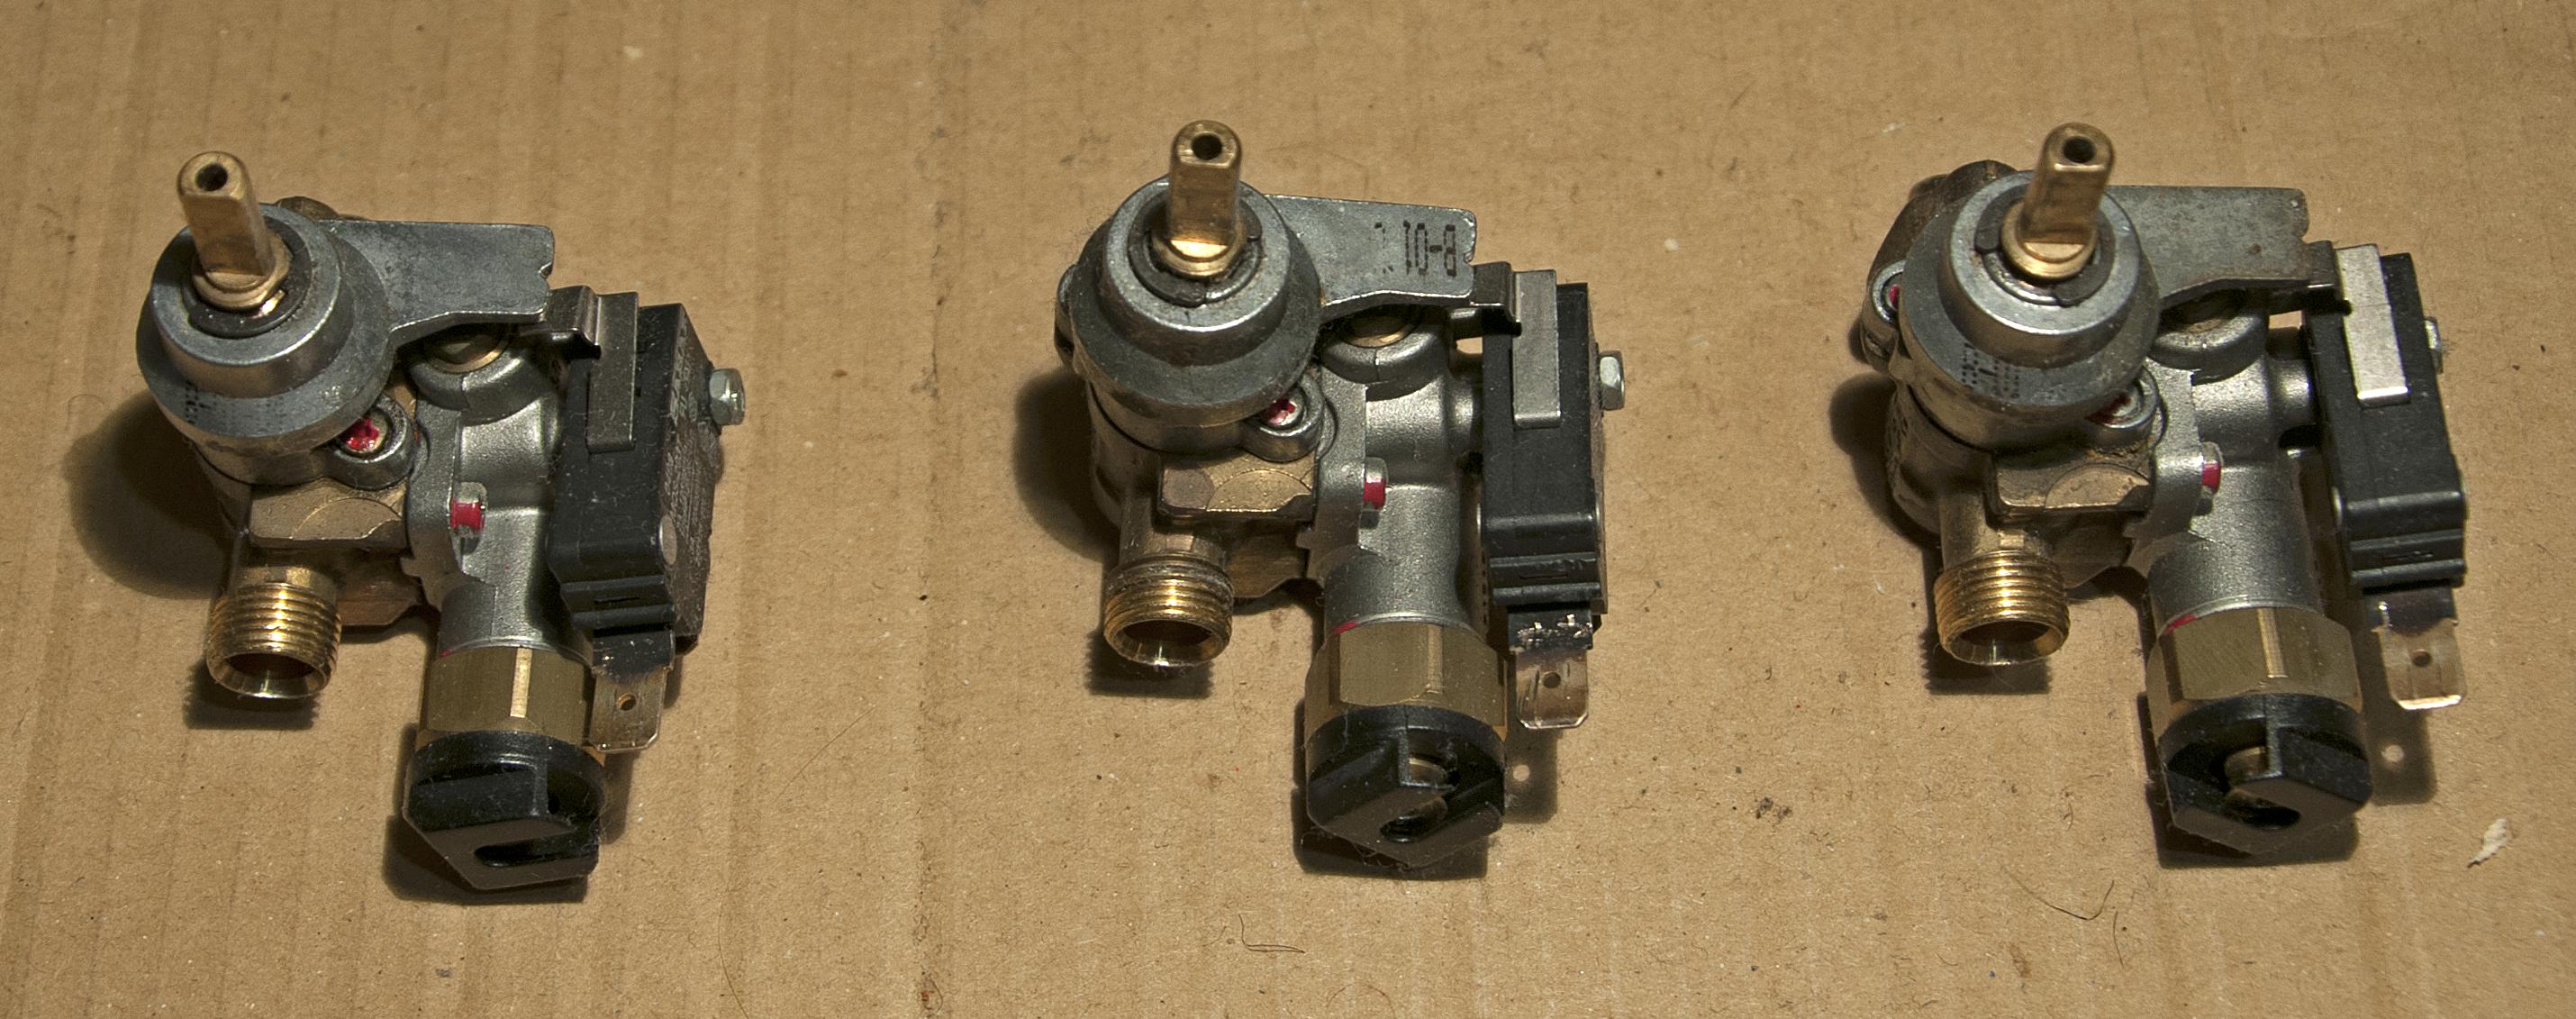 [Sprzedam] Zawór kuchni gazowej Mastercook 6022 1 (C150012K8) -> Plyta Gazowa Mastercook Problem Z Odpalaniem